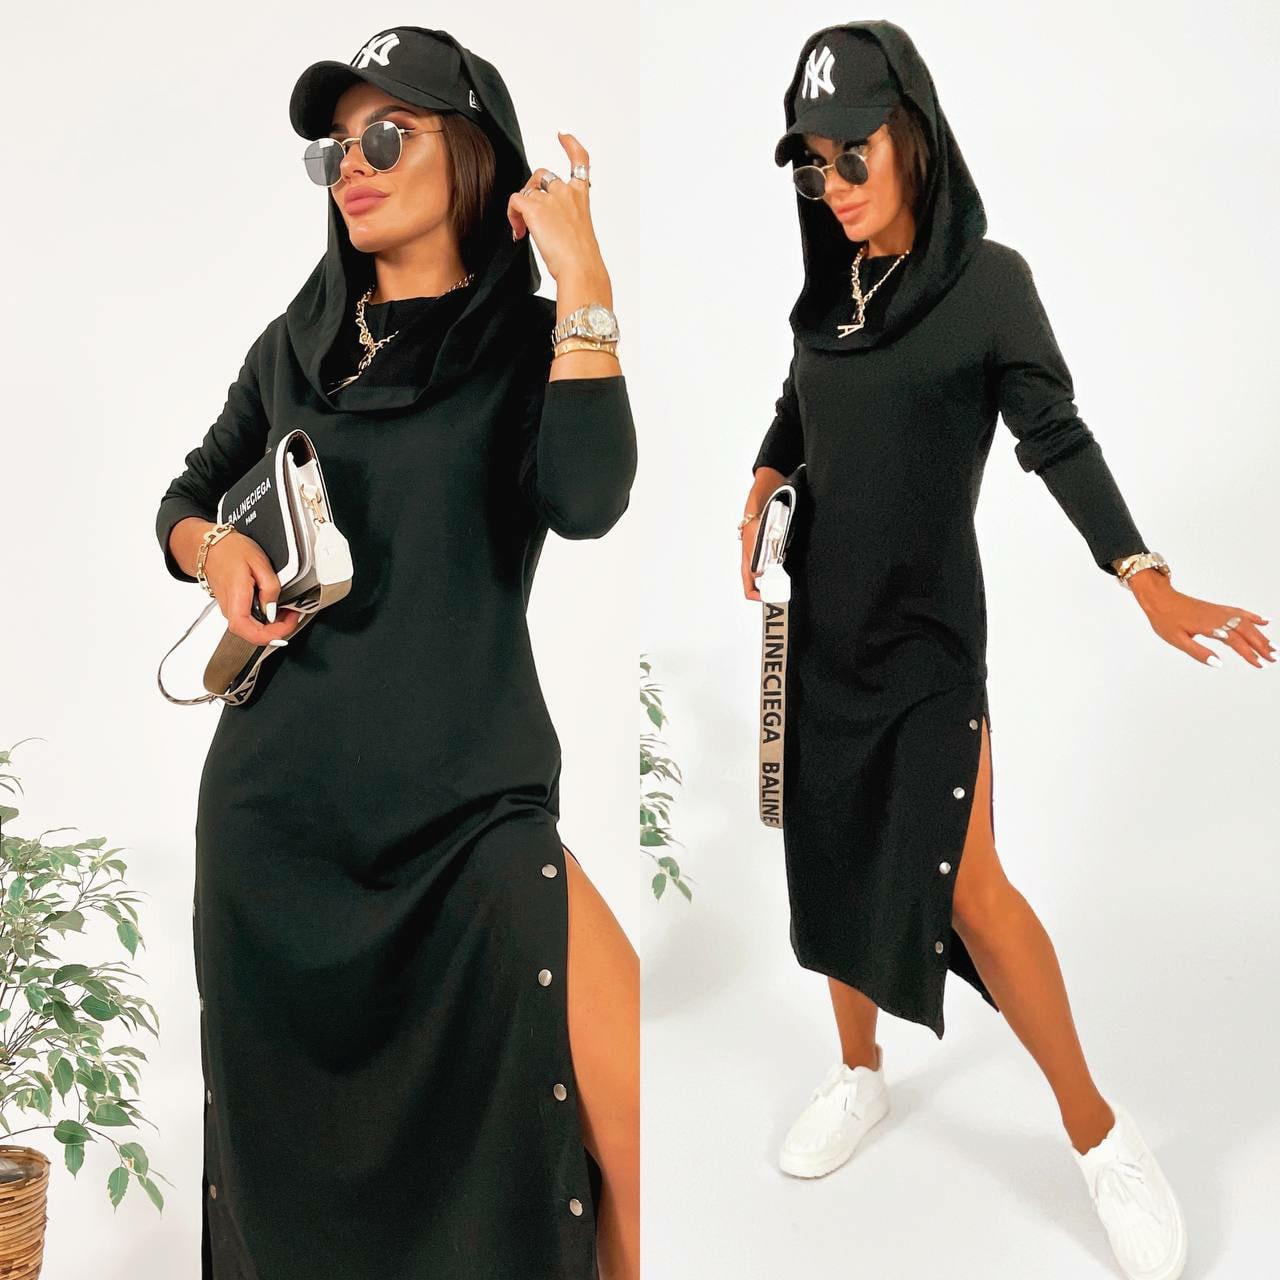 Женское платье с хомутом-капюшоном разрезом